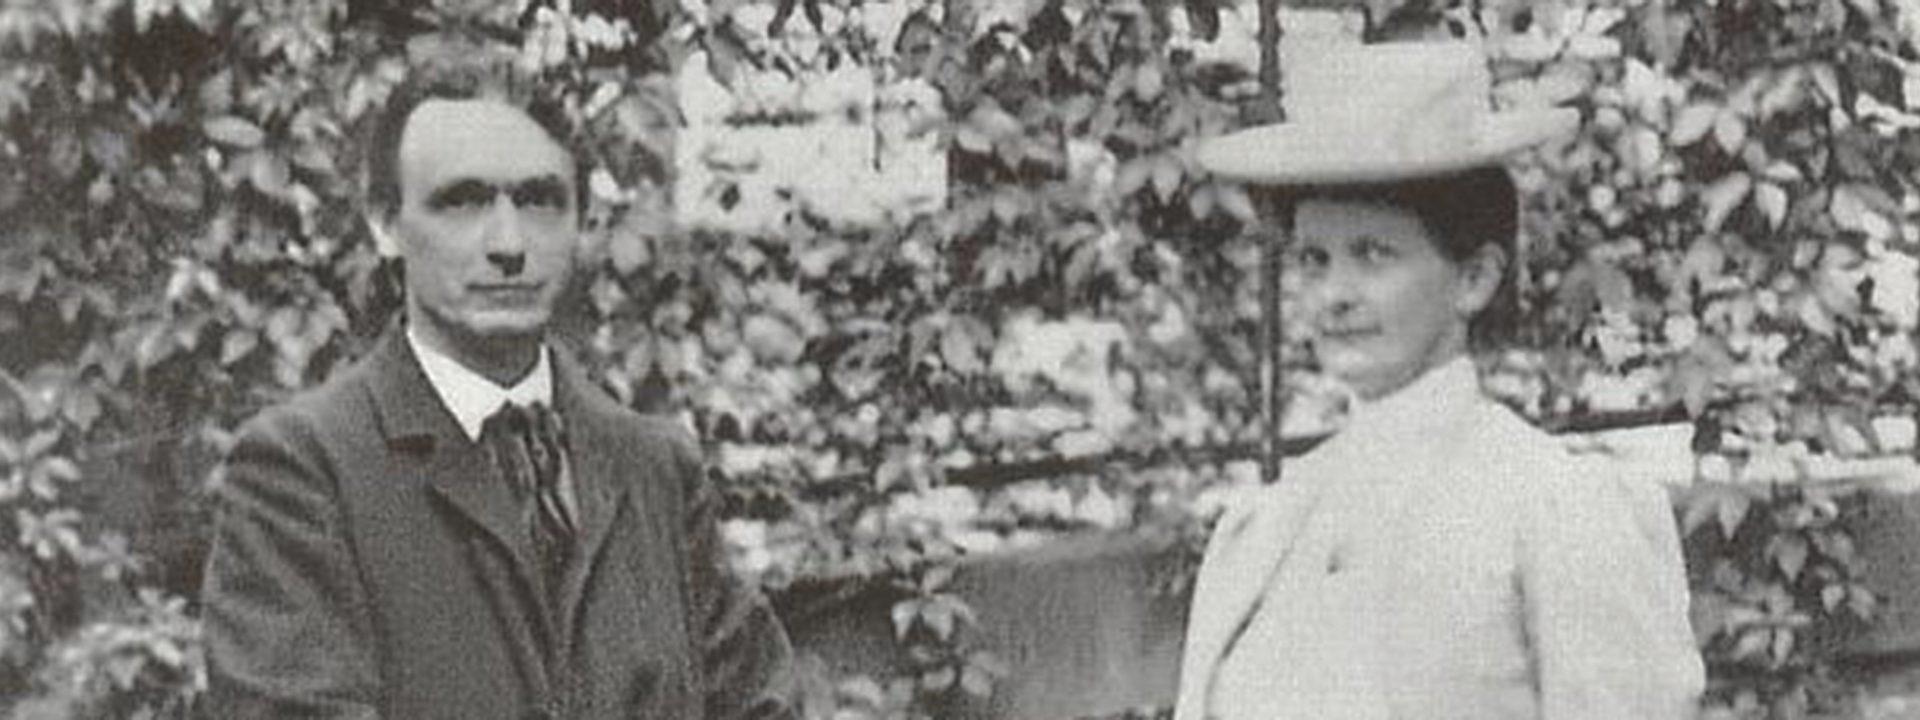 רודולף שטיינר: האבא של האנתרופוסופיה